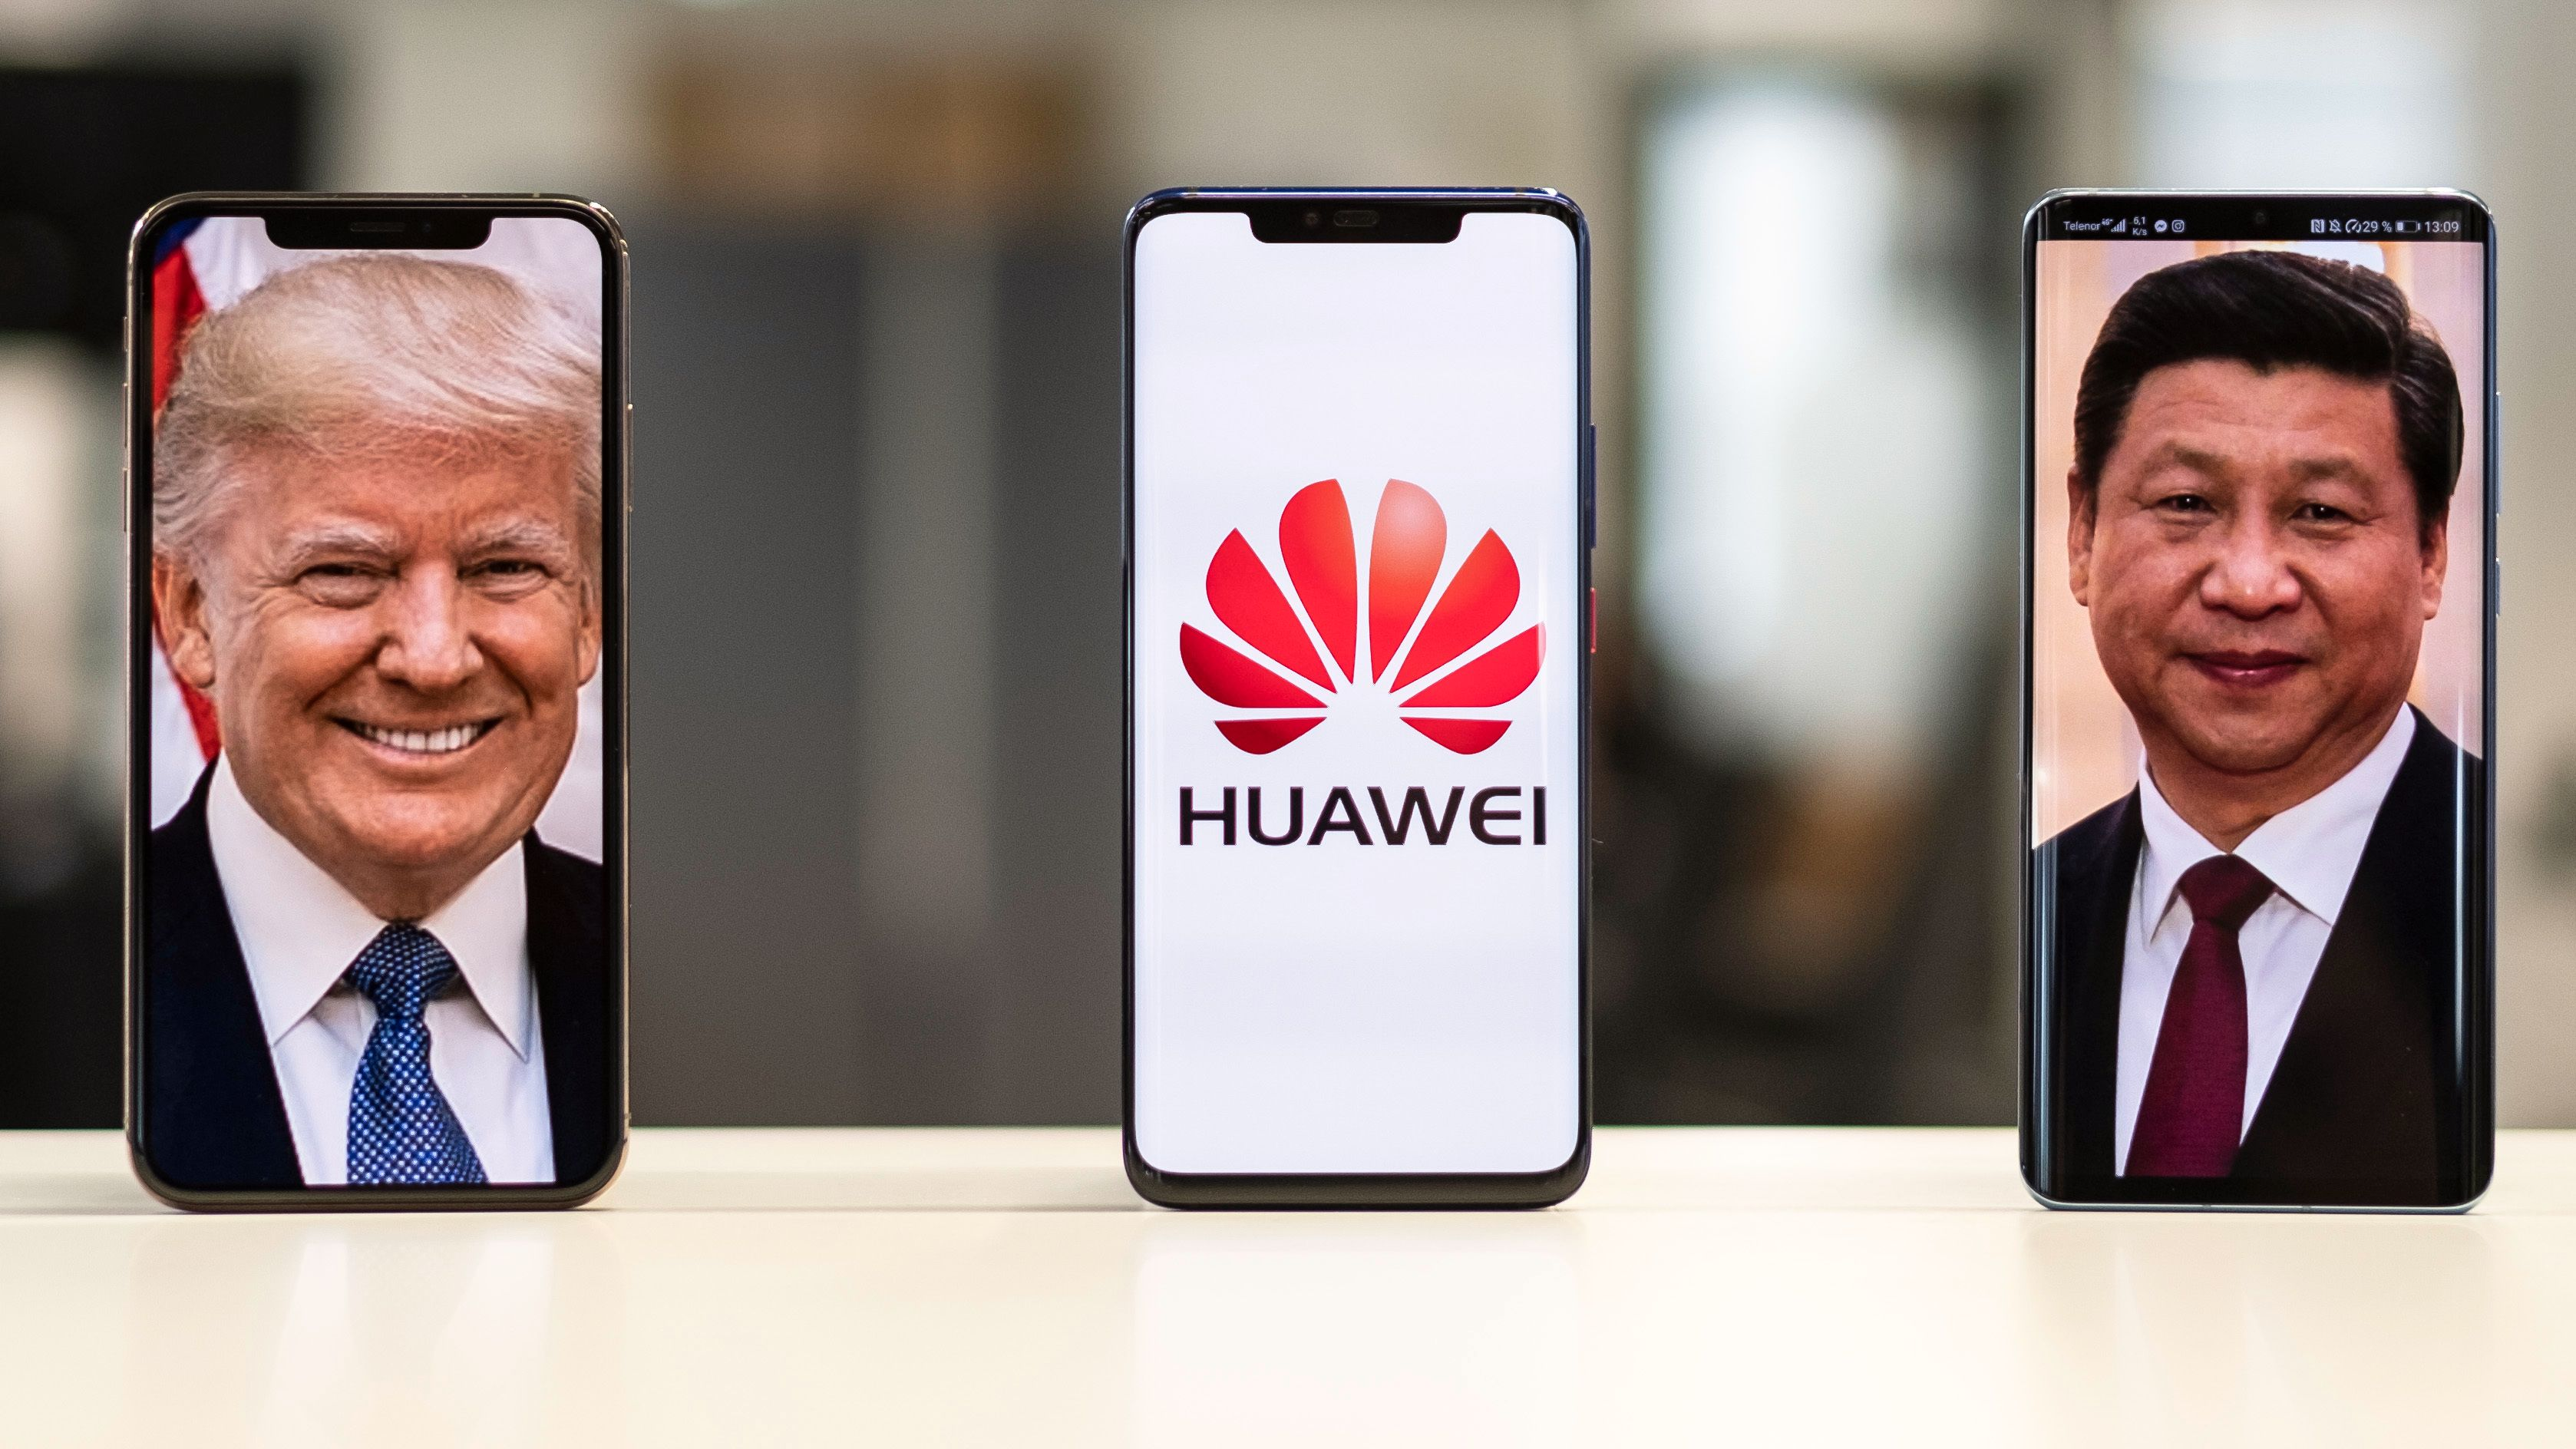 Nå ligger Huawei tynt an ... igjen